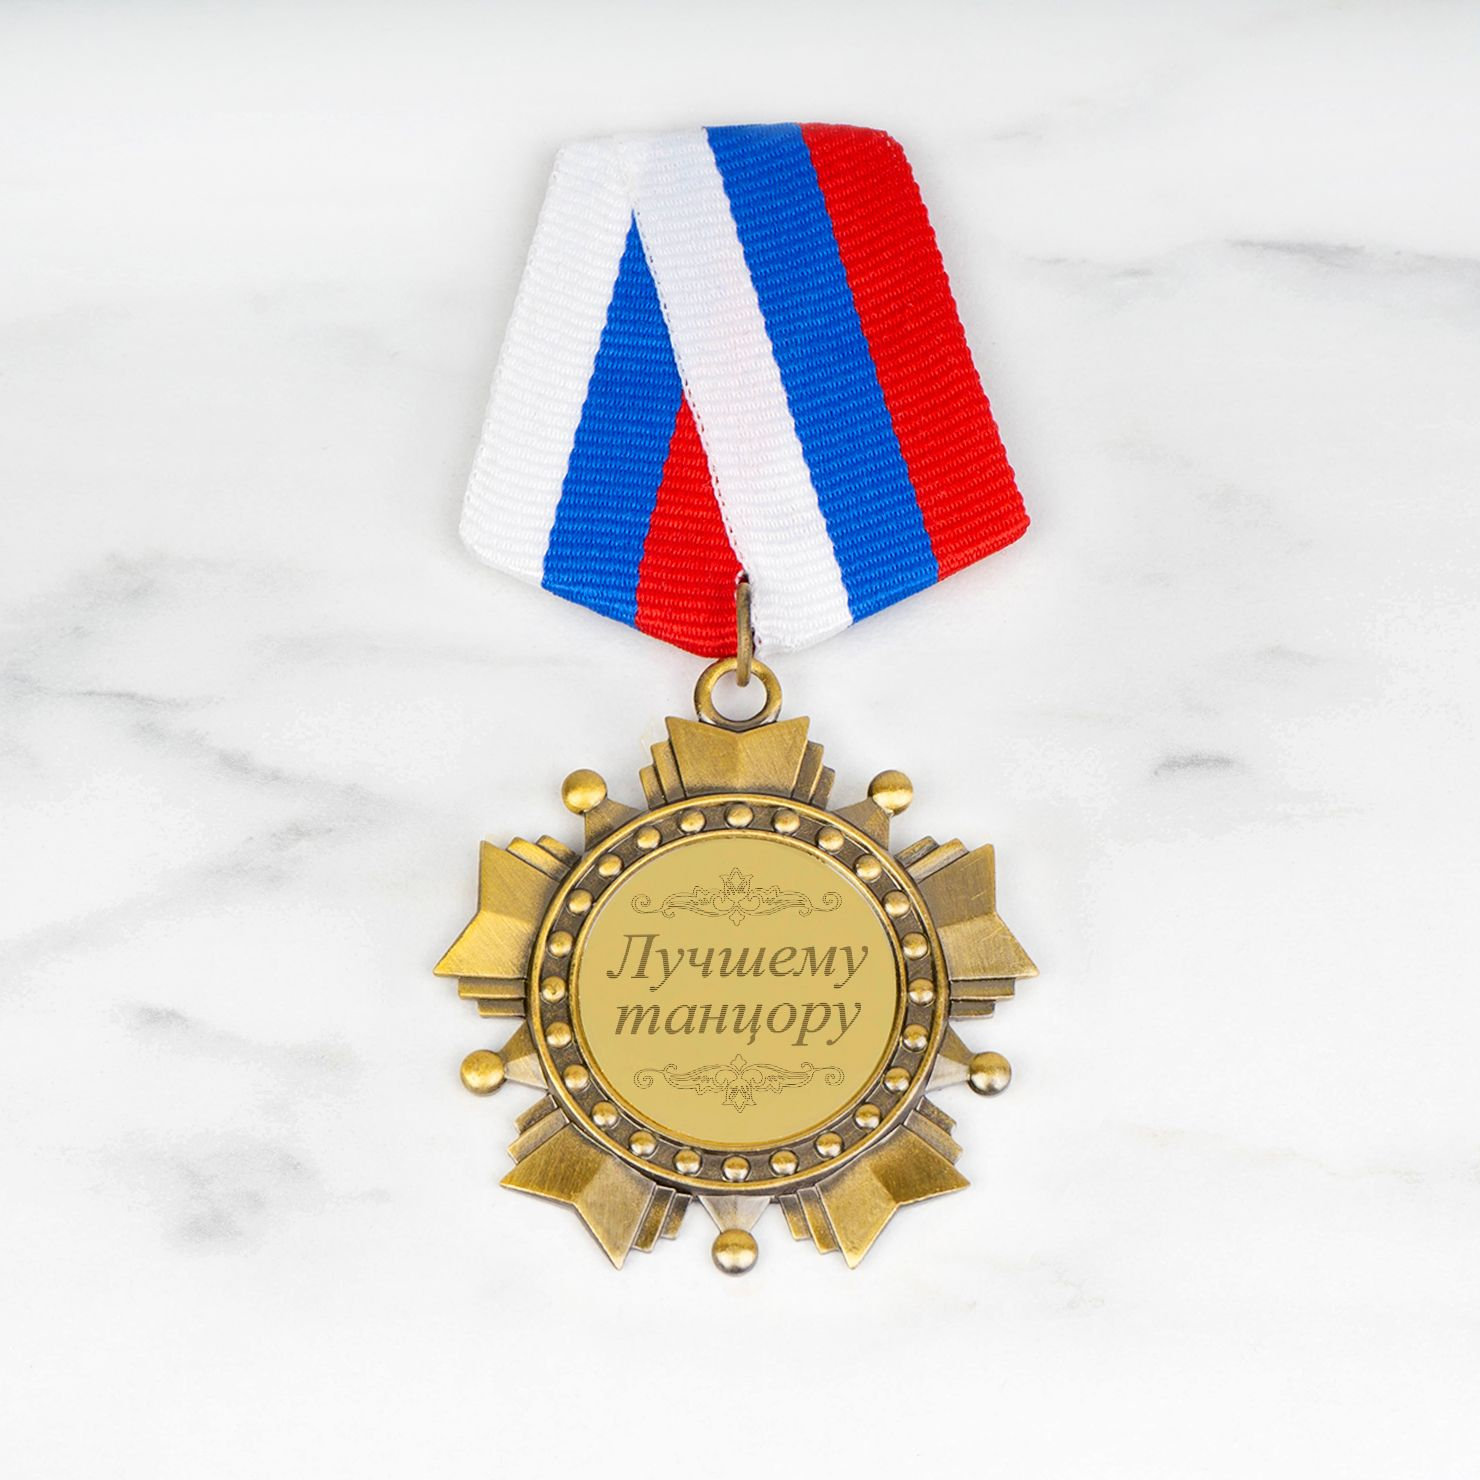 Орден *Лучшему танцору*